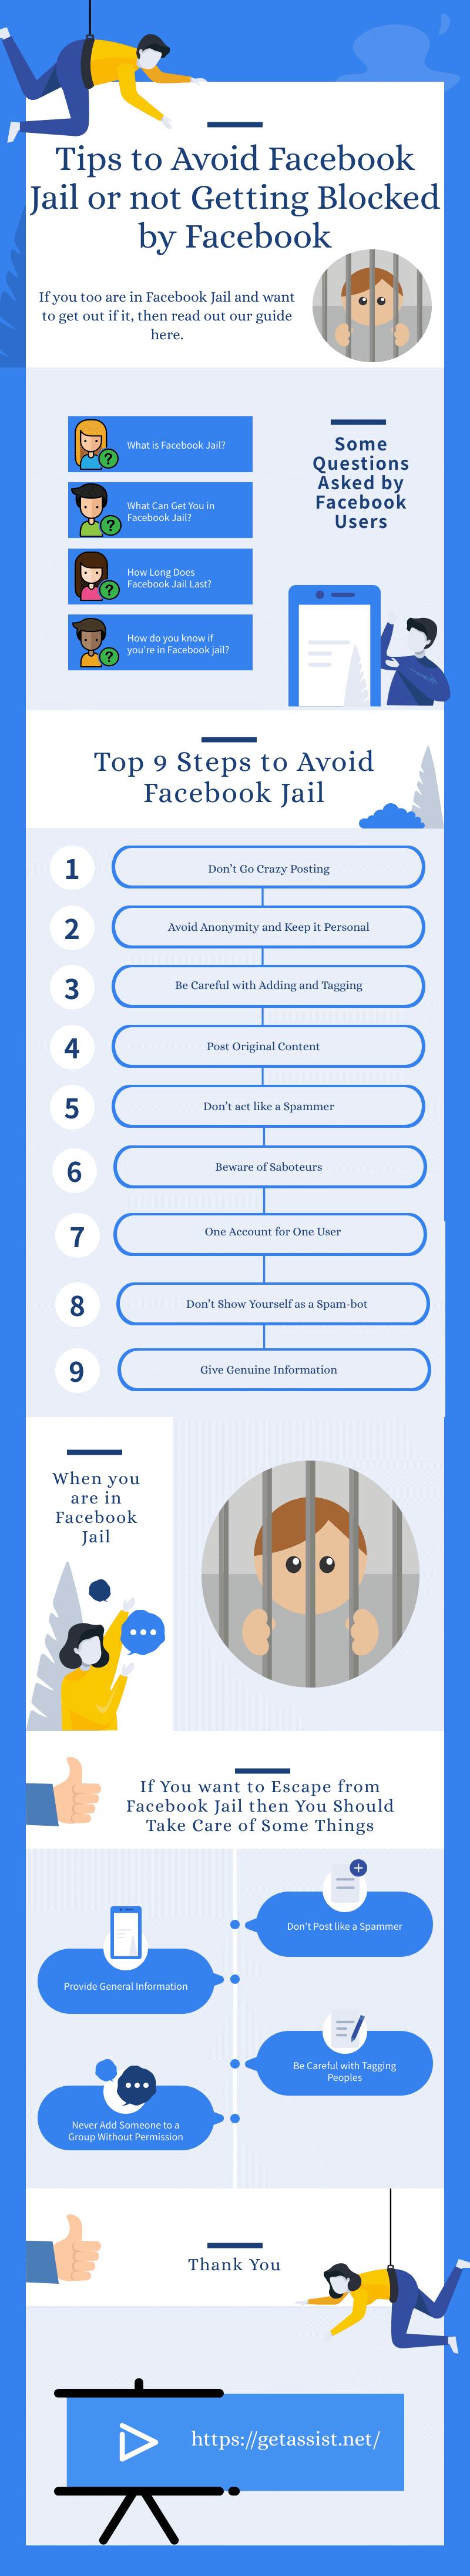 Tips to Avoid Facebook Jail